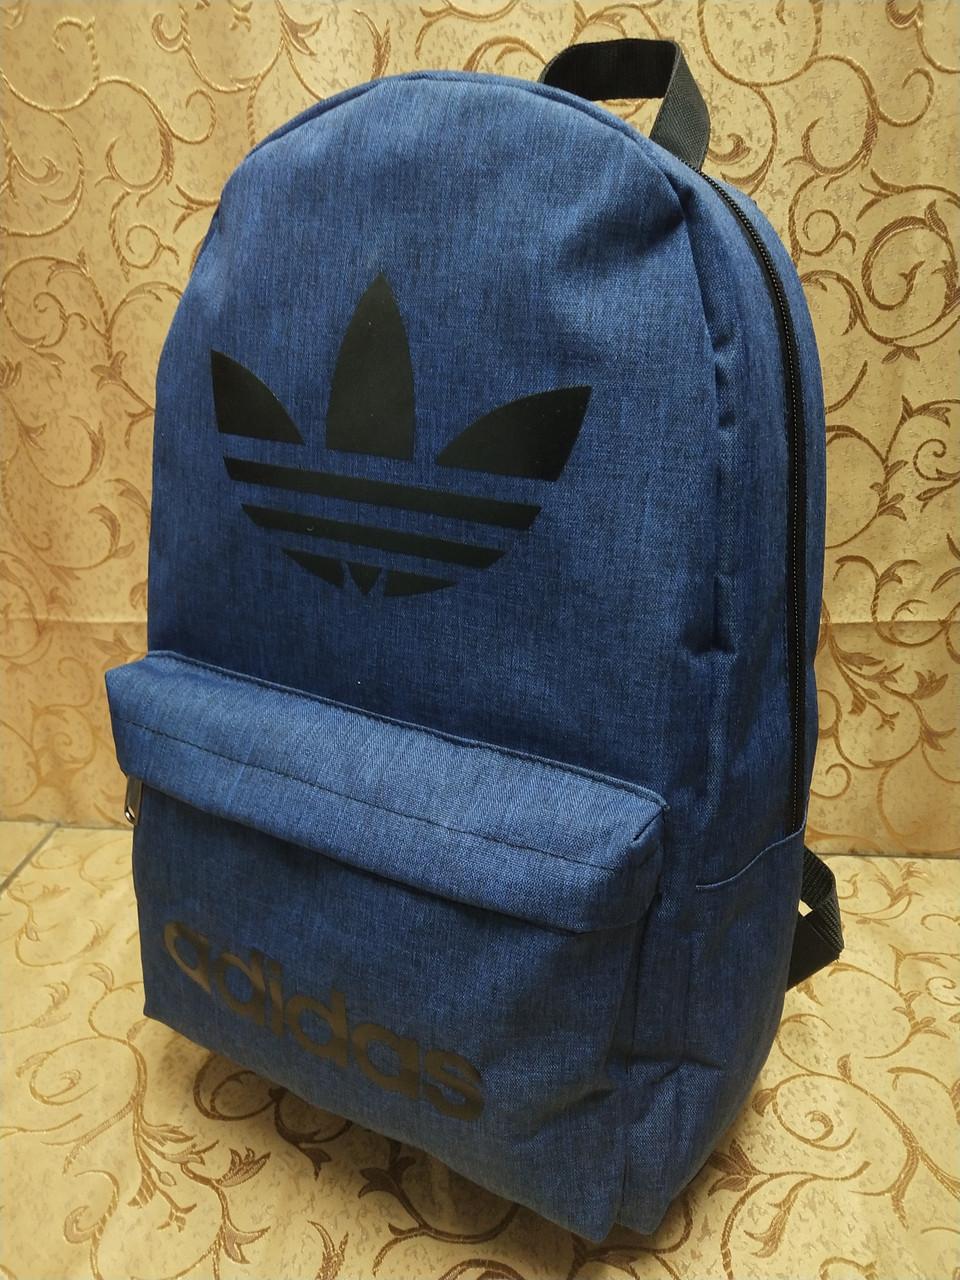 Рюкзак ADIDAS мессенджер 300D спорт спортивный городской стильный Школьный рюкзак только опт